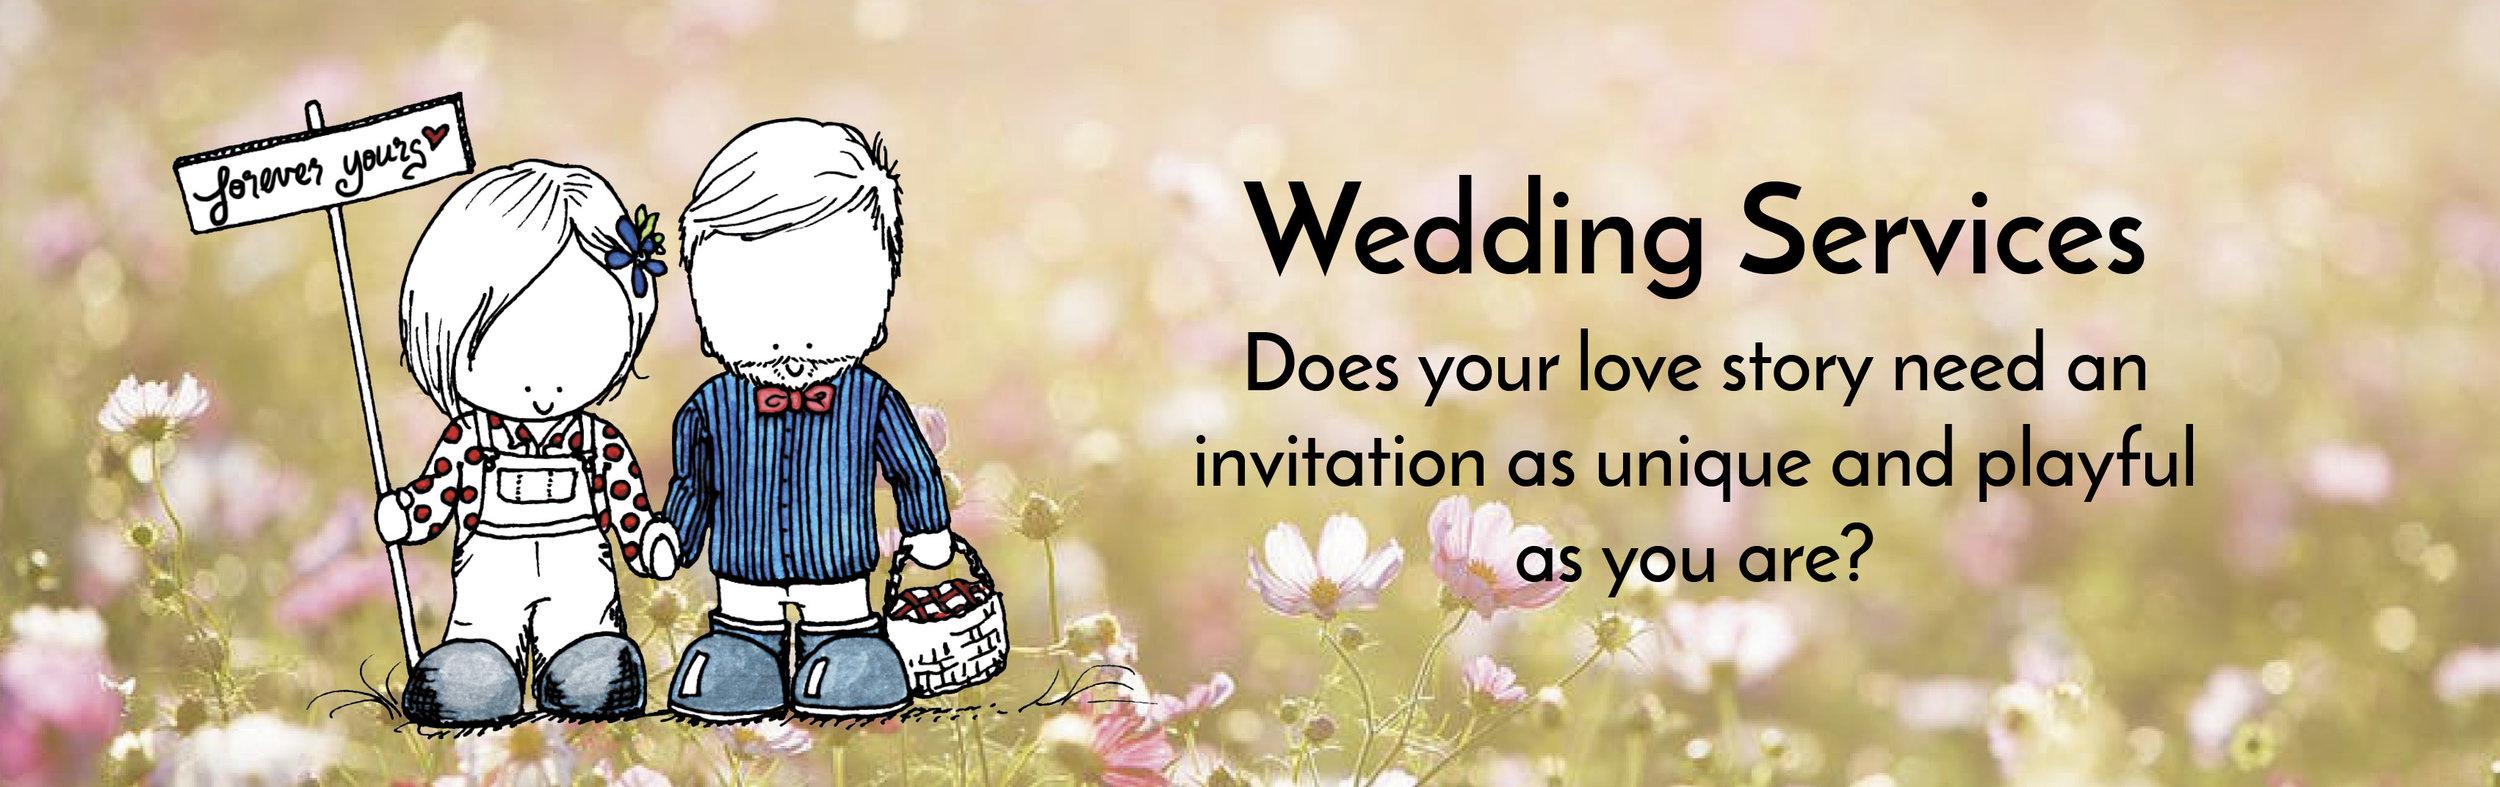 Wedding invitation illustration banner.jpg